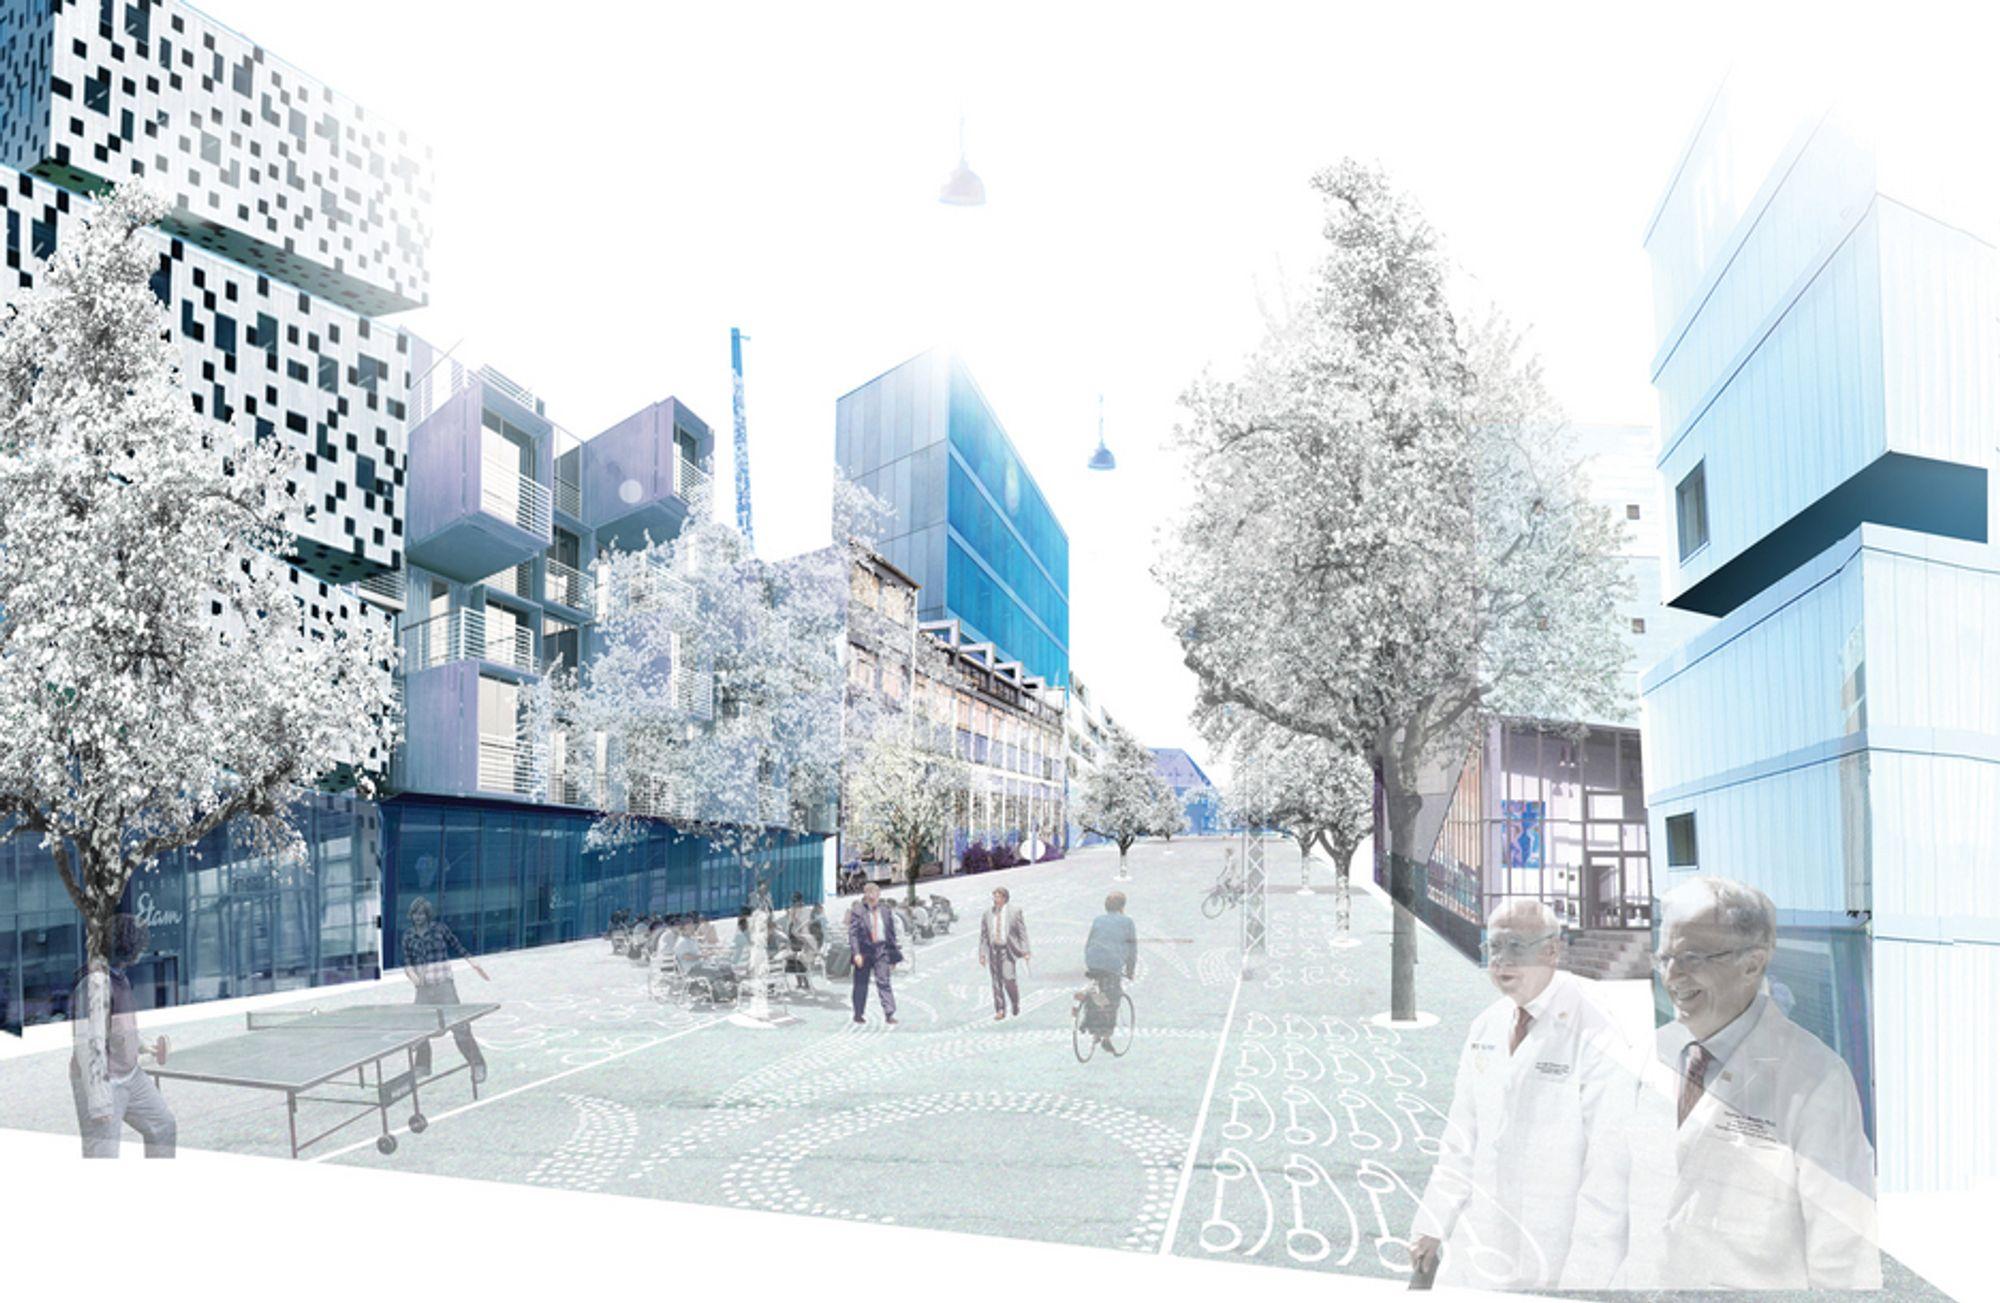 LUFTIG: Sigurdsgate, en av gatene i bydelen, skal bygges ut til et eget gründerstrøk.